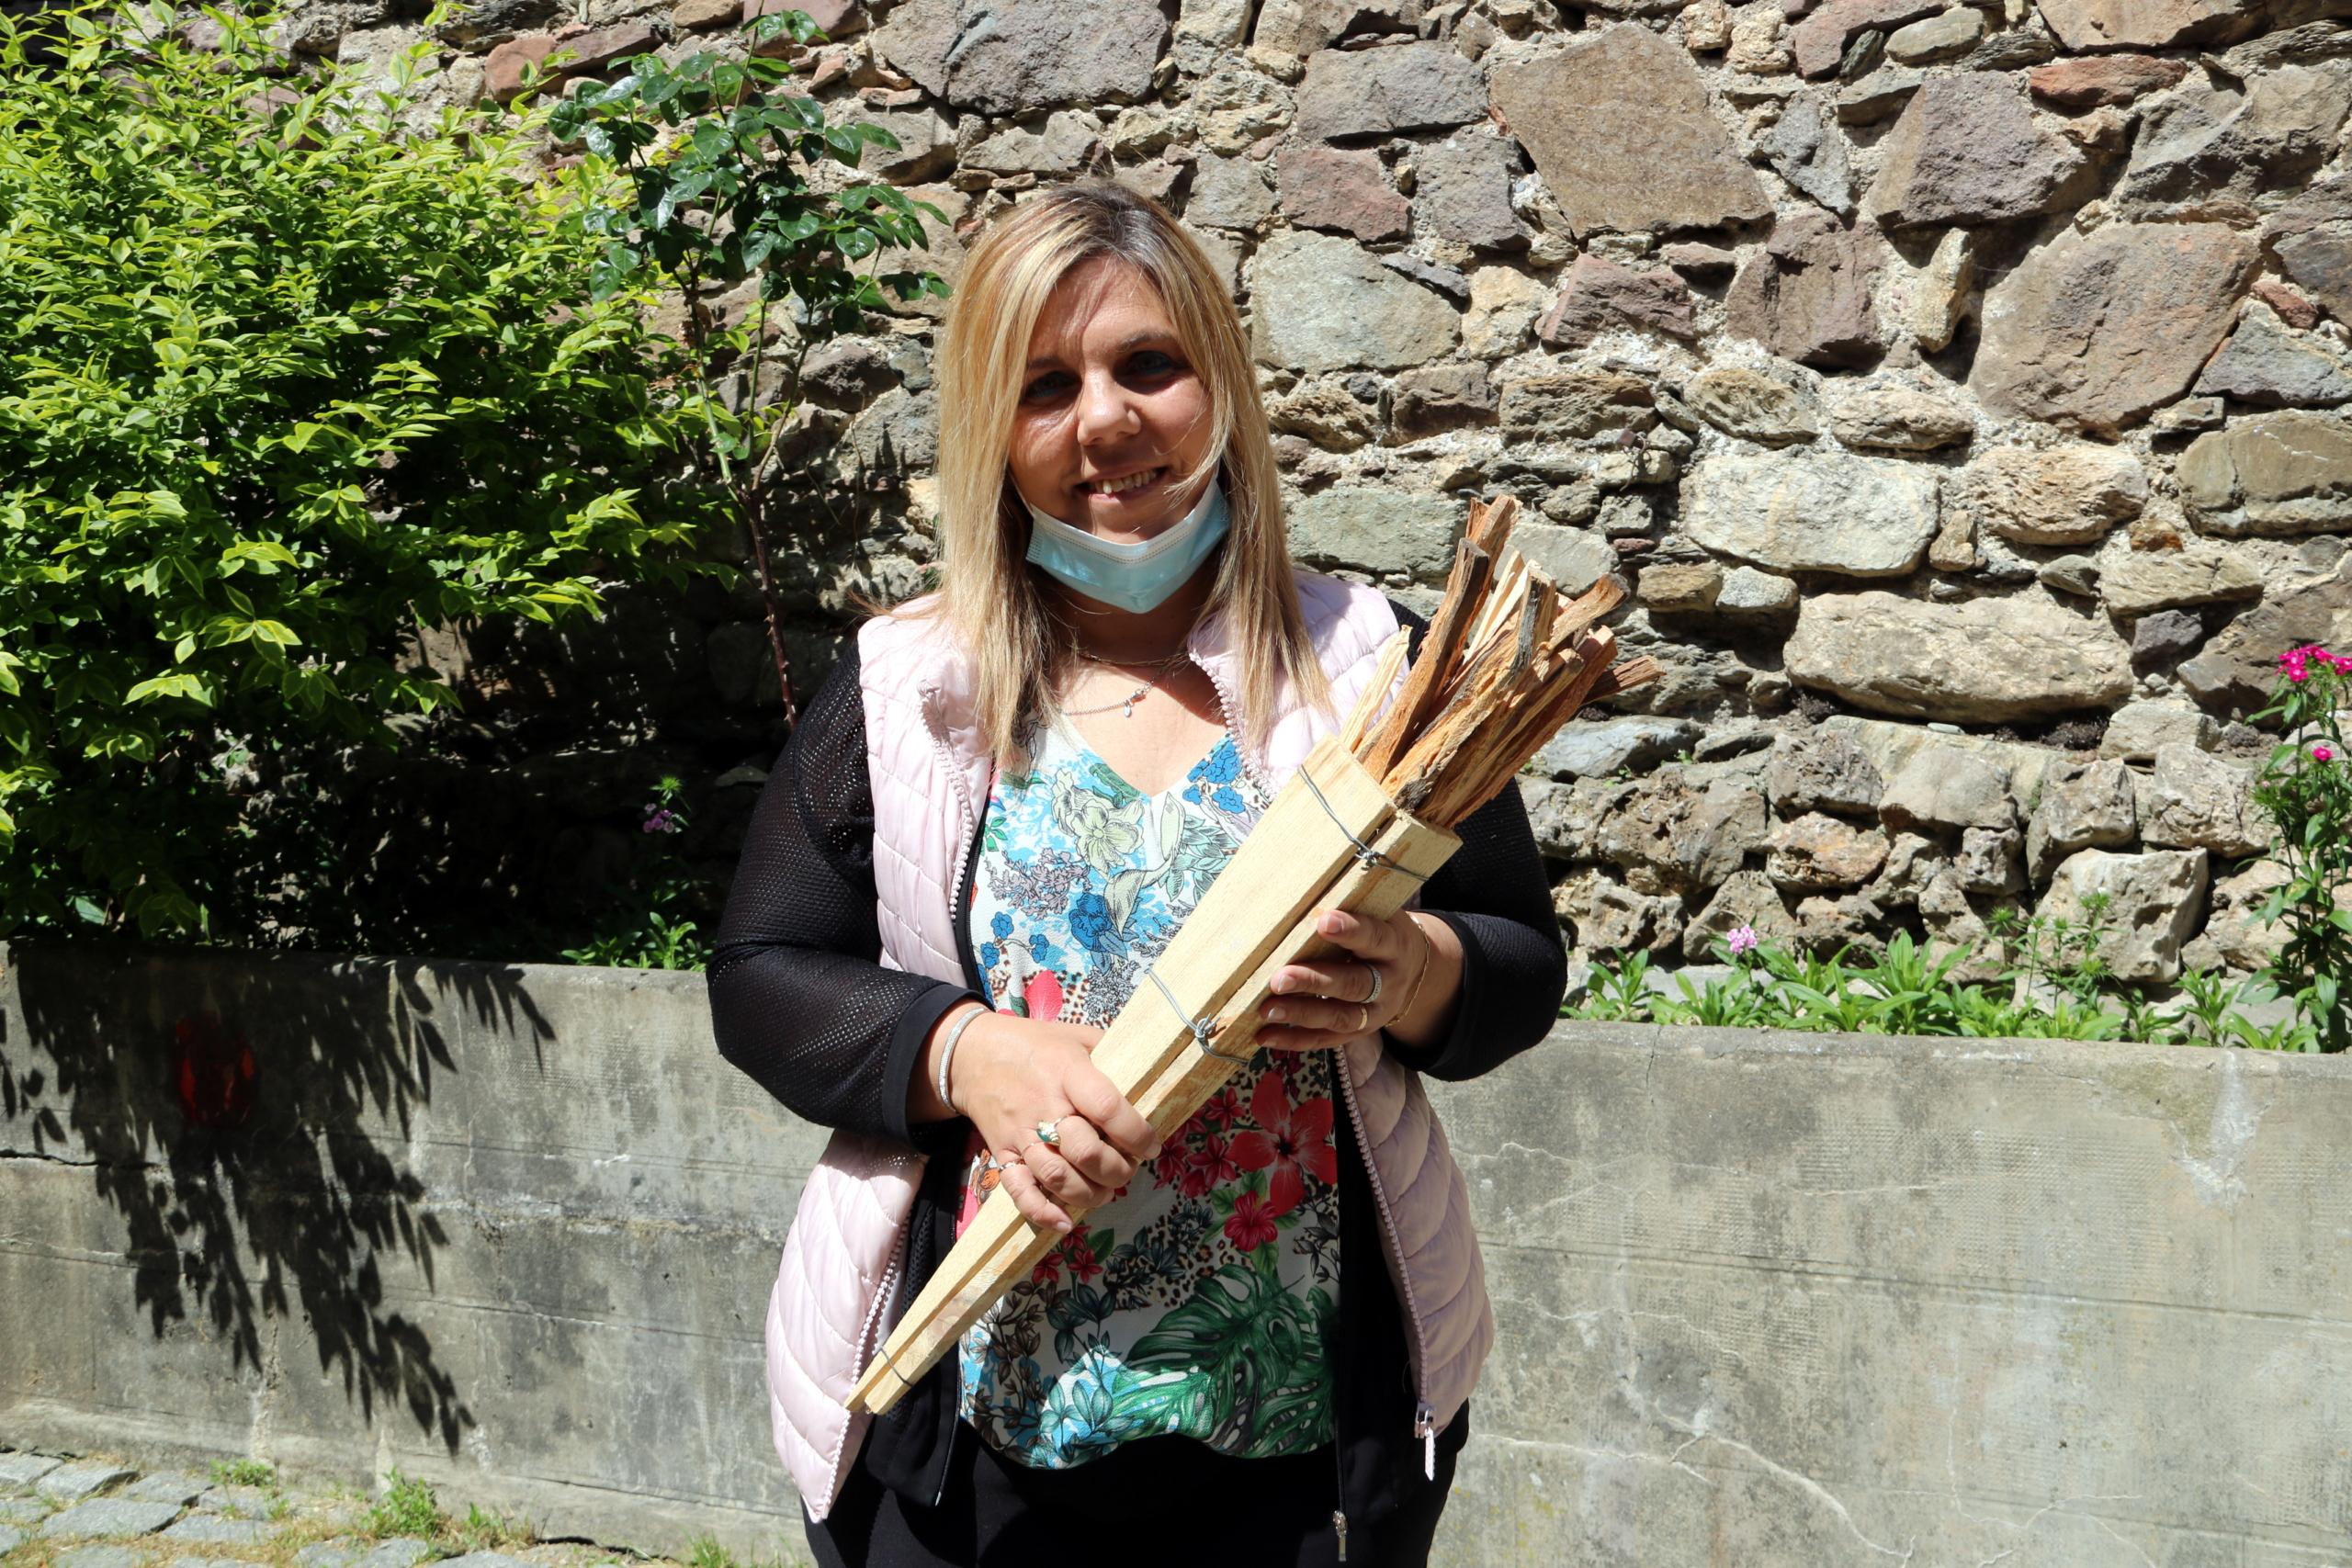 L'alcaldessa de Vilaller, Maria José Erta, amb una falla com la que es regalarà a cada família del municipi / ACN